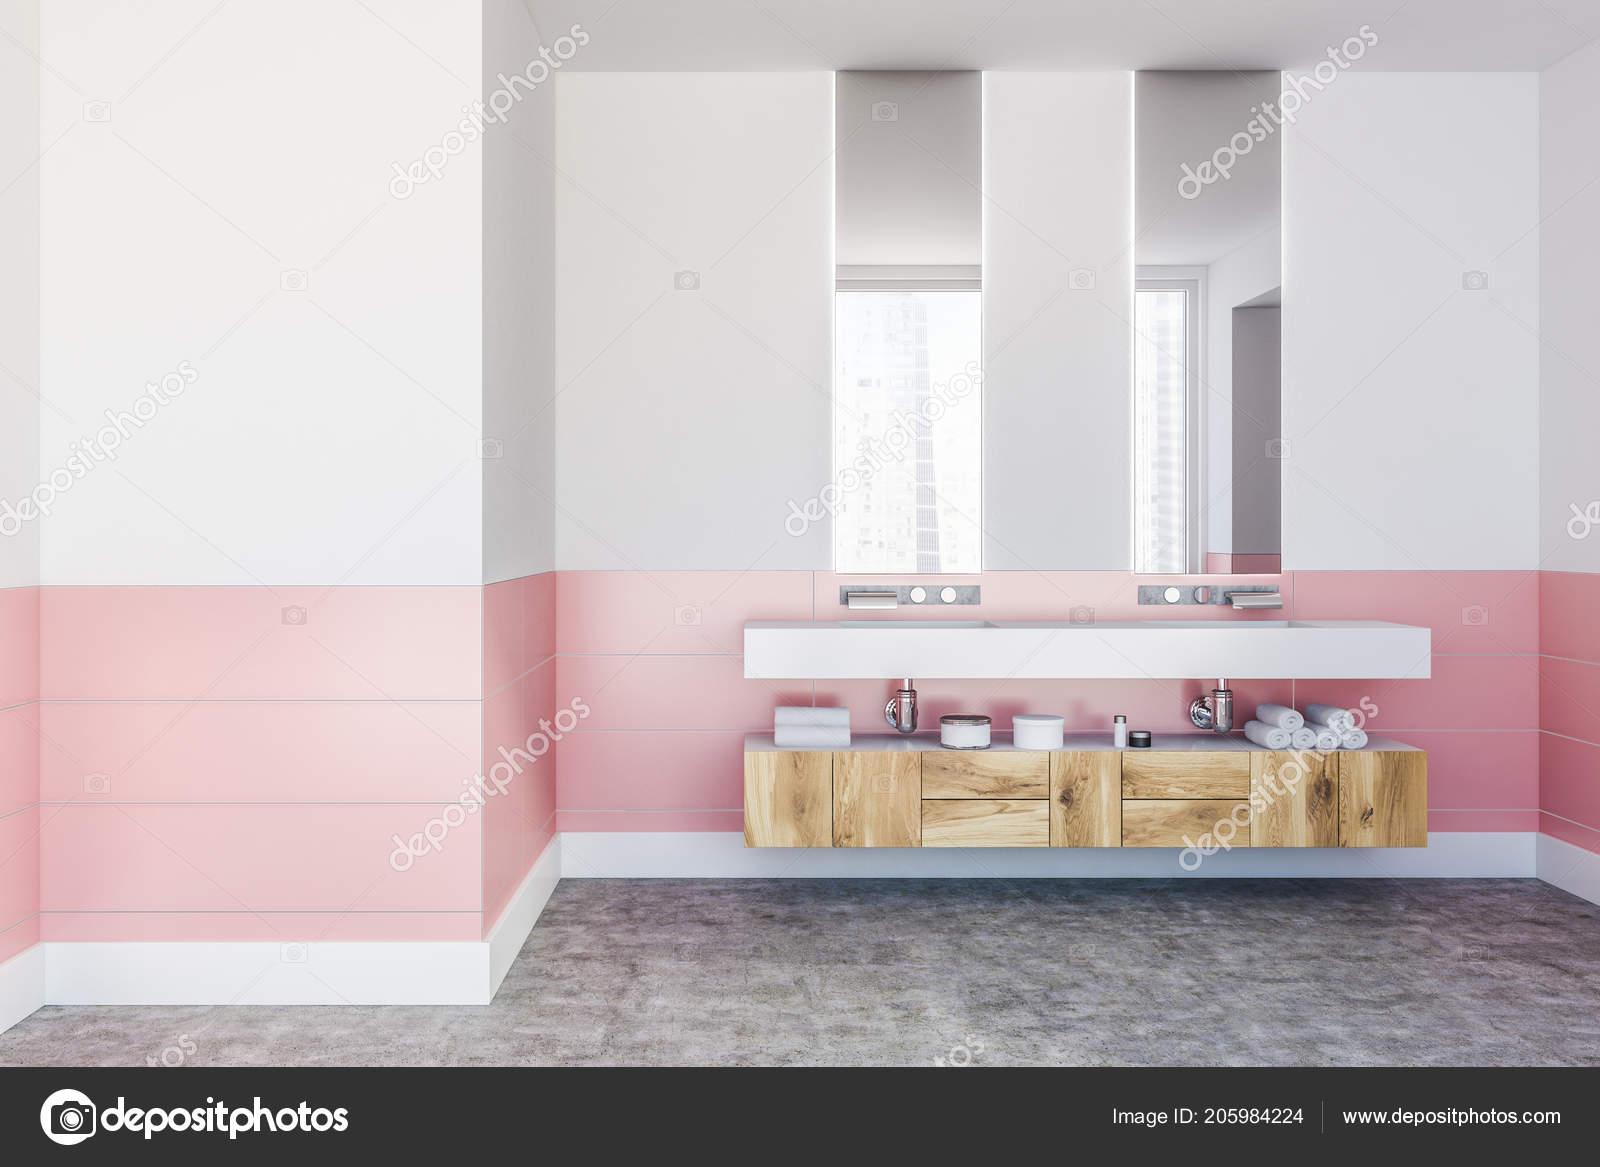 Double évier De Salle De Bain Debout Sur Une étagère Blanche En Chambre Mur  Blanc Et Rose Avec Des Miroirs Verticales Et étagères.